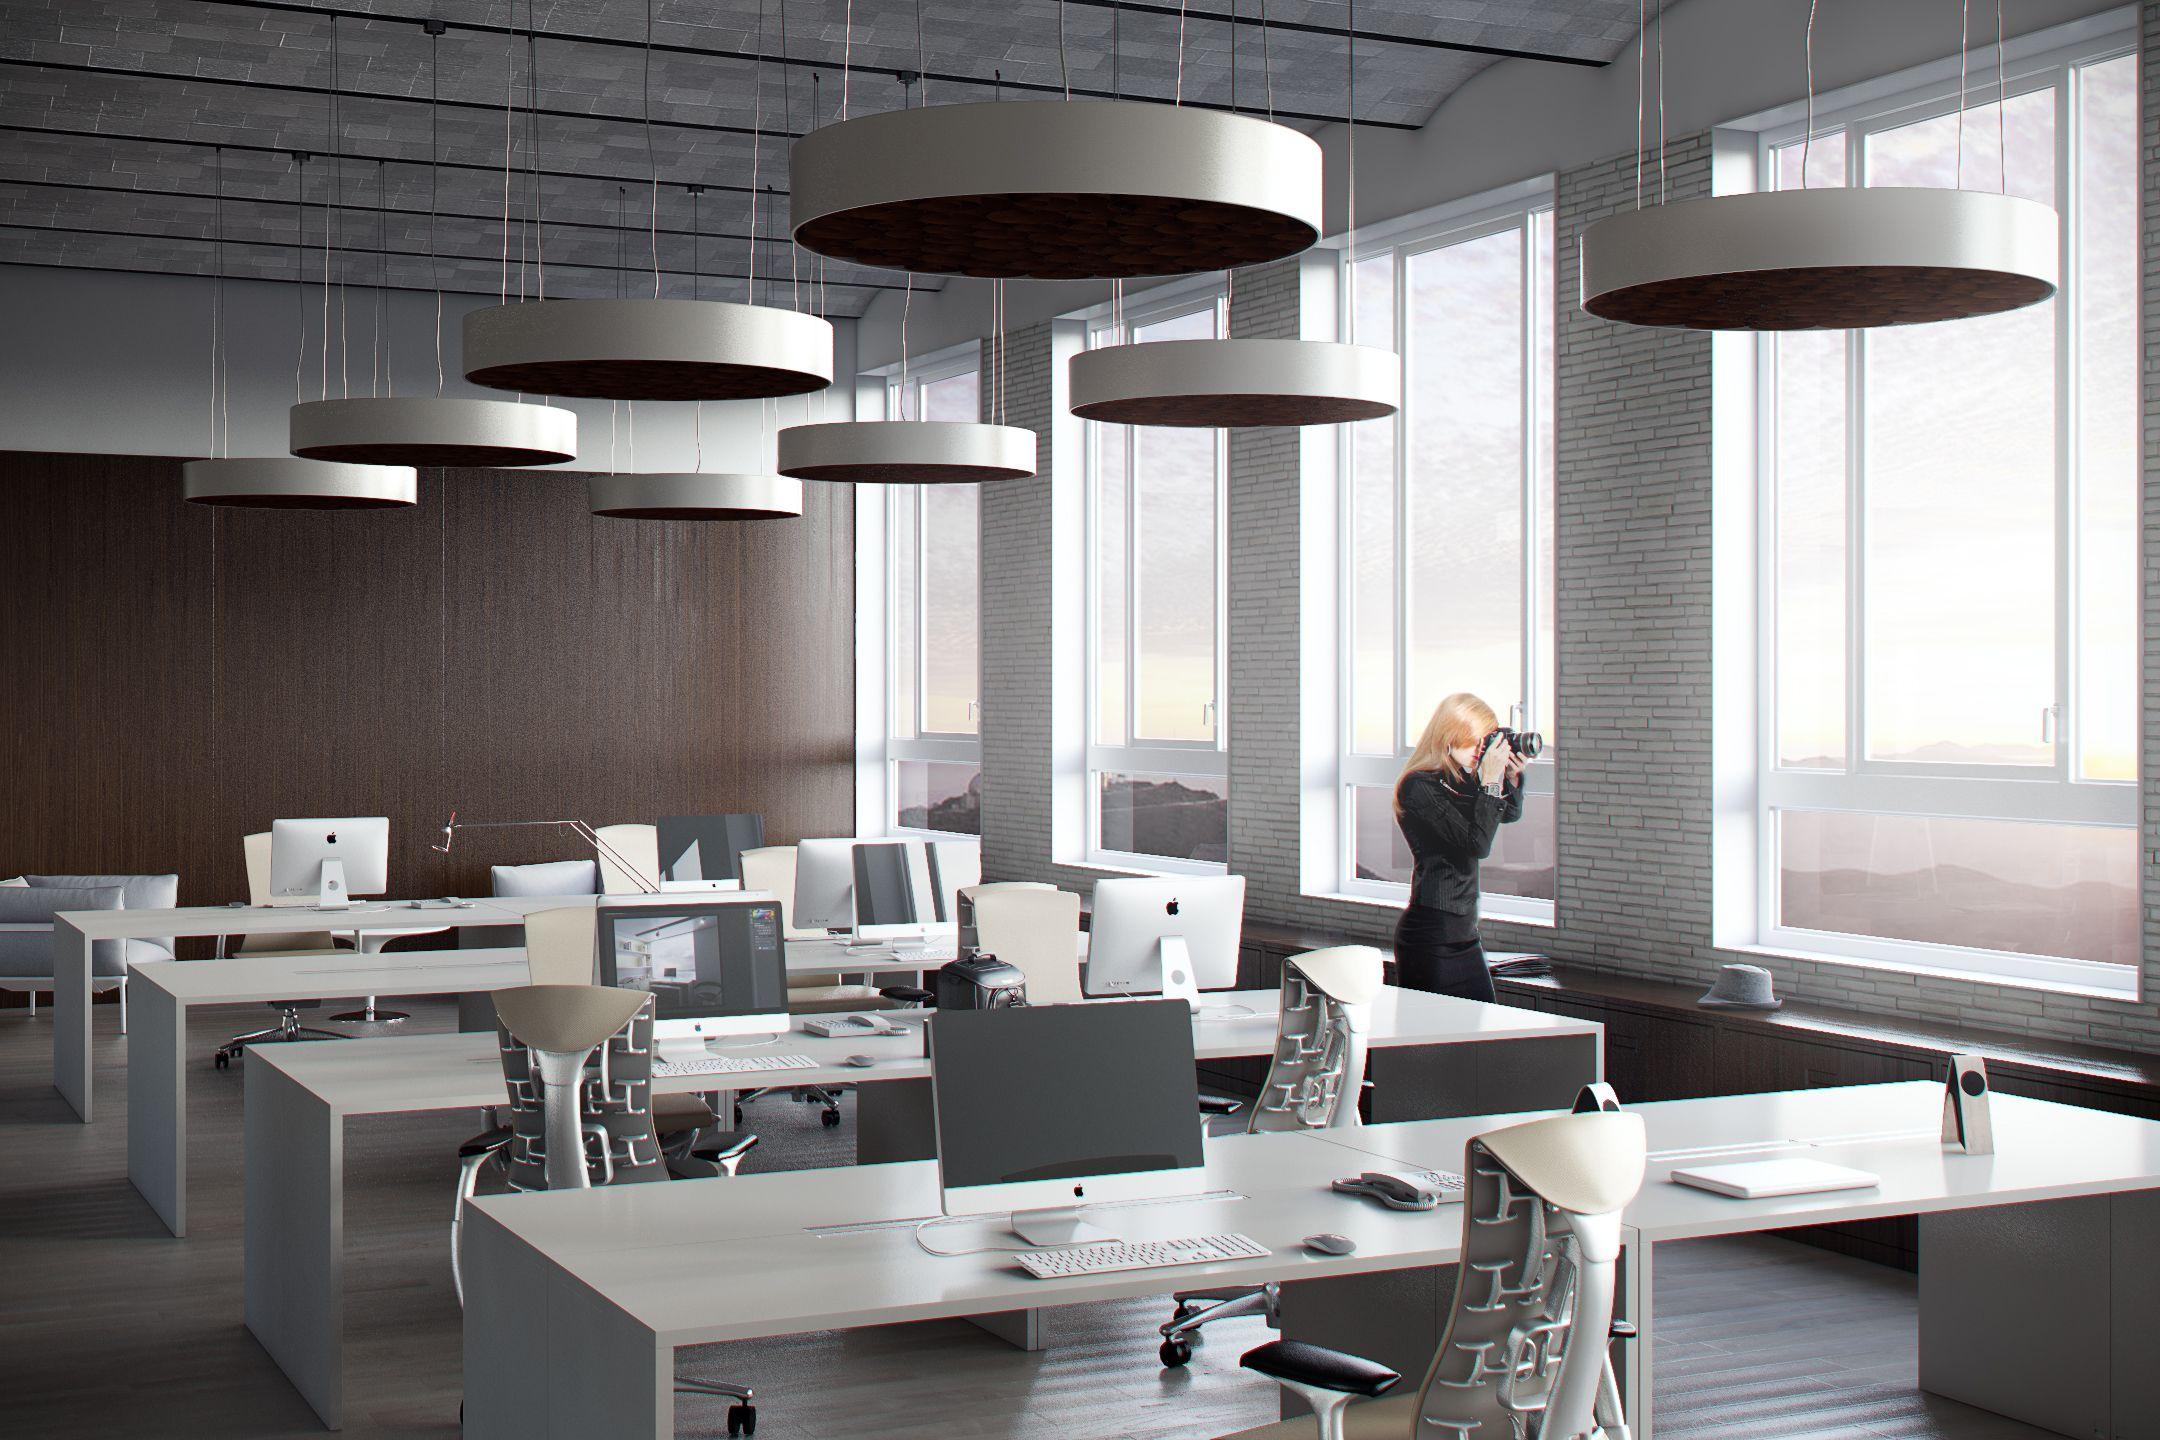 Open Office FurnitureD Renderingpixelvizcom D Renderings - Open office furniture